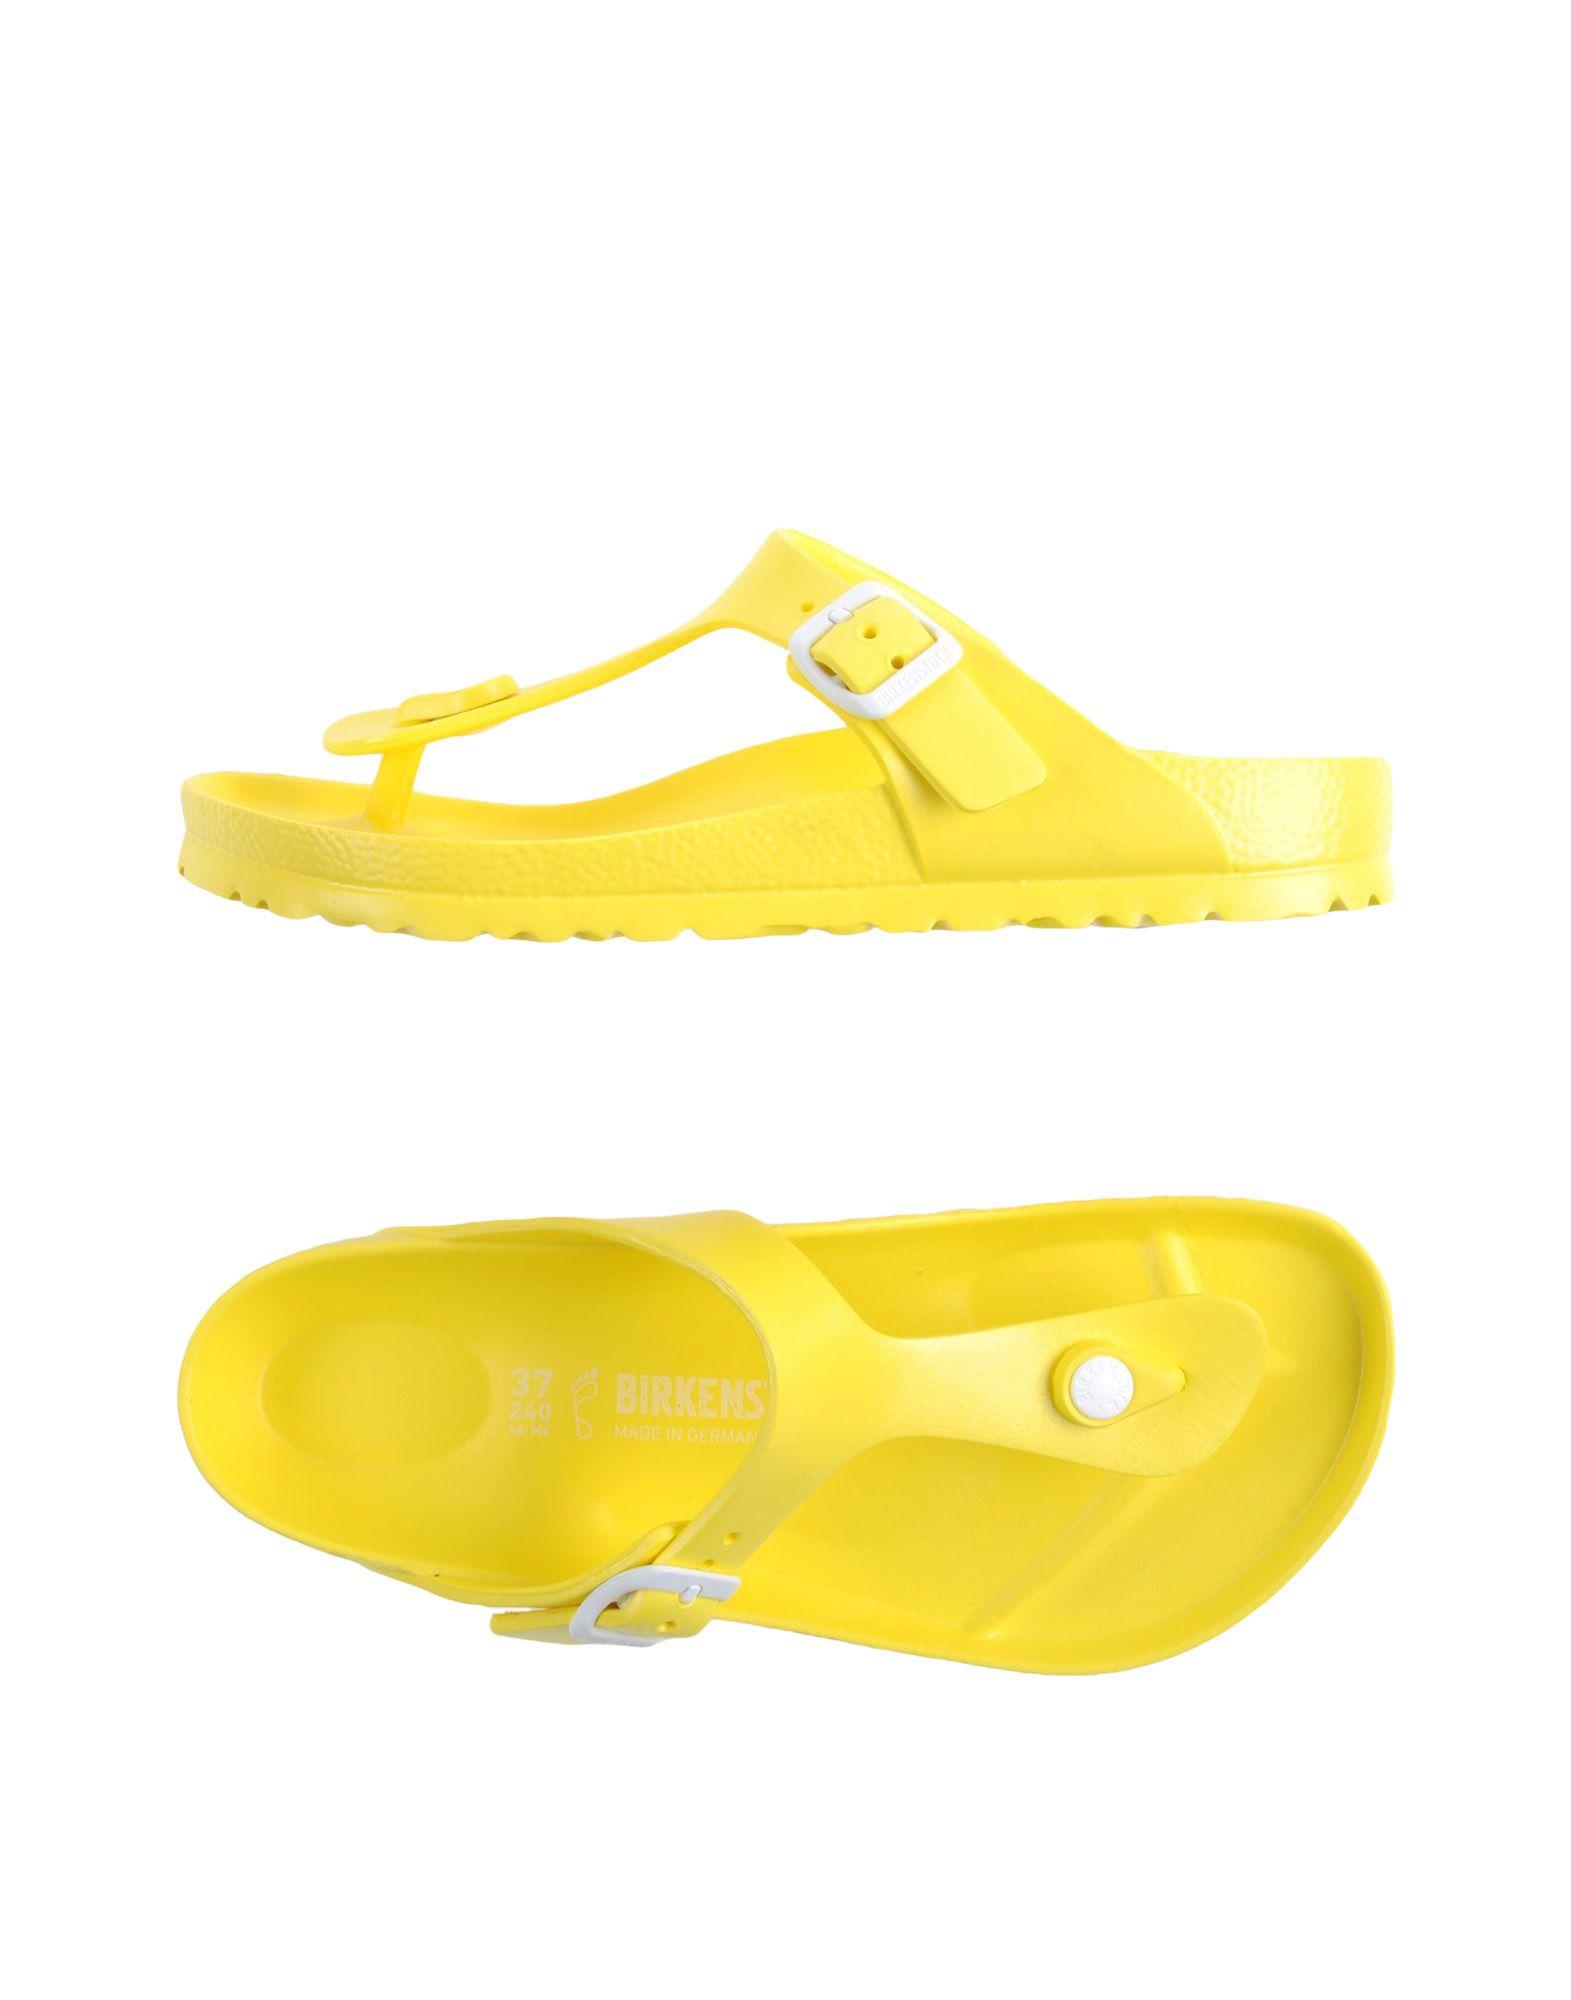 Birkenstock Flip flops